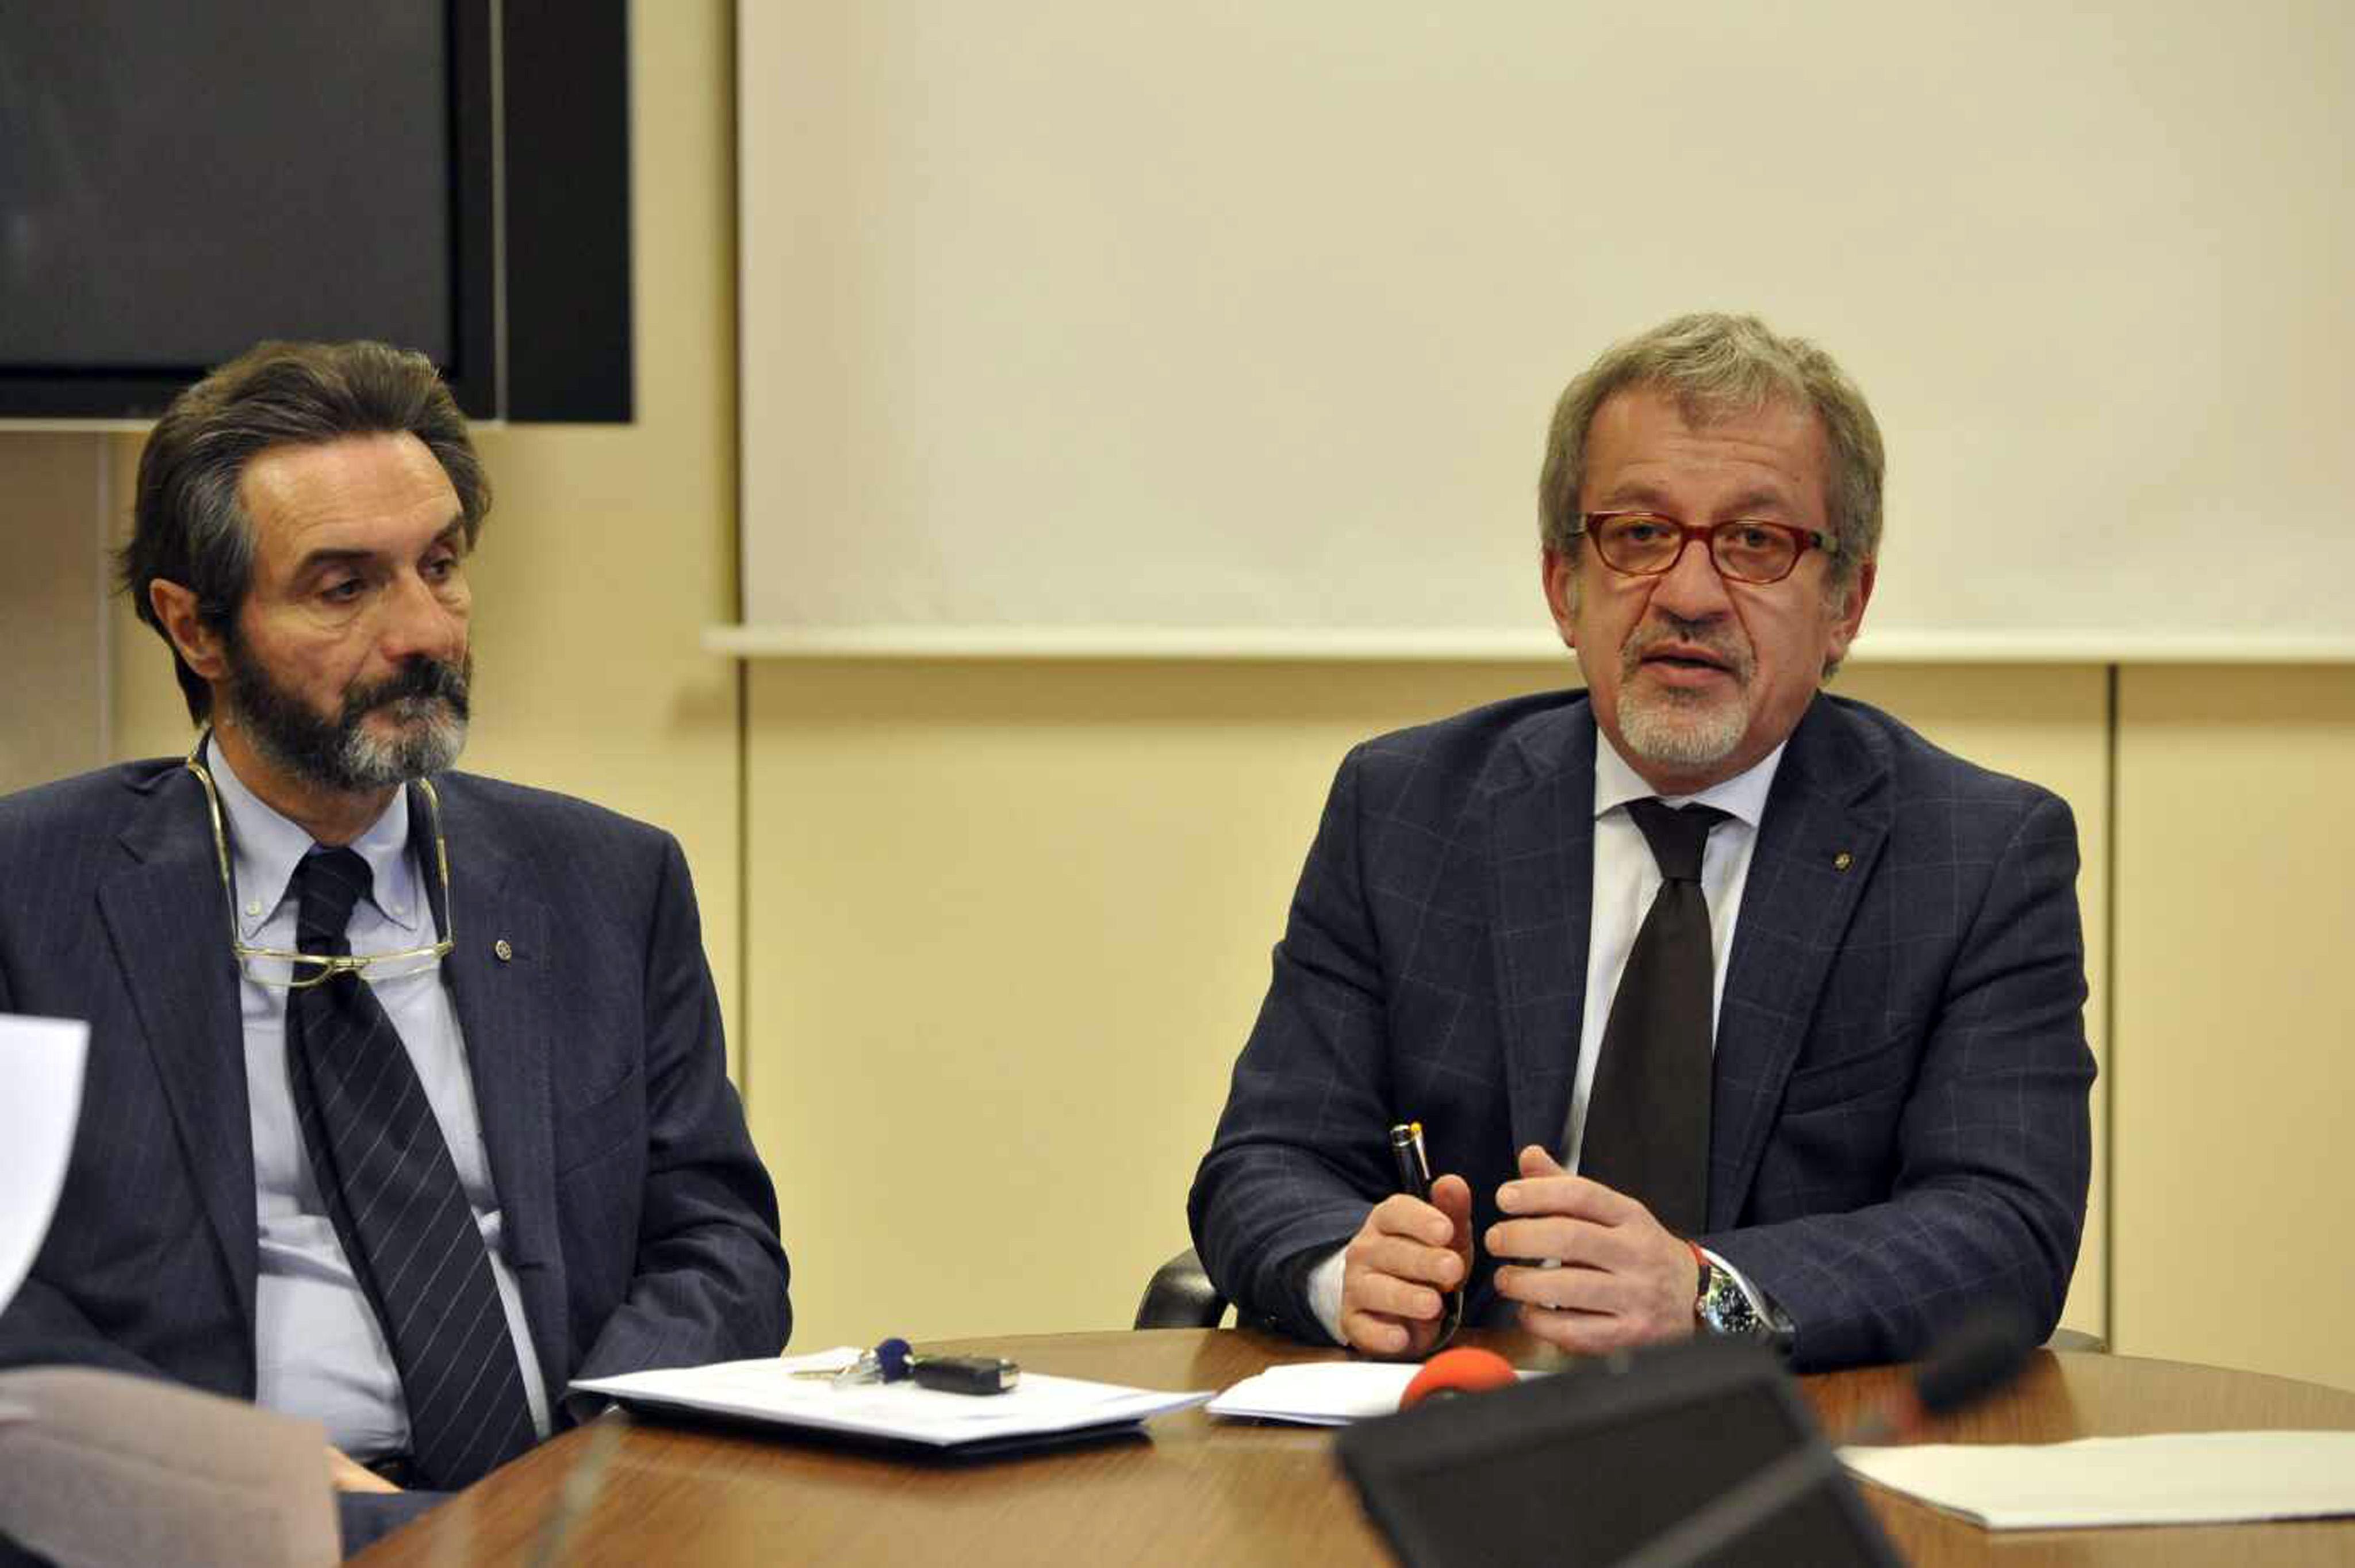 Lombardia: Maroni conferma rinuncia